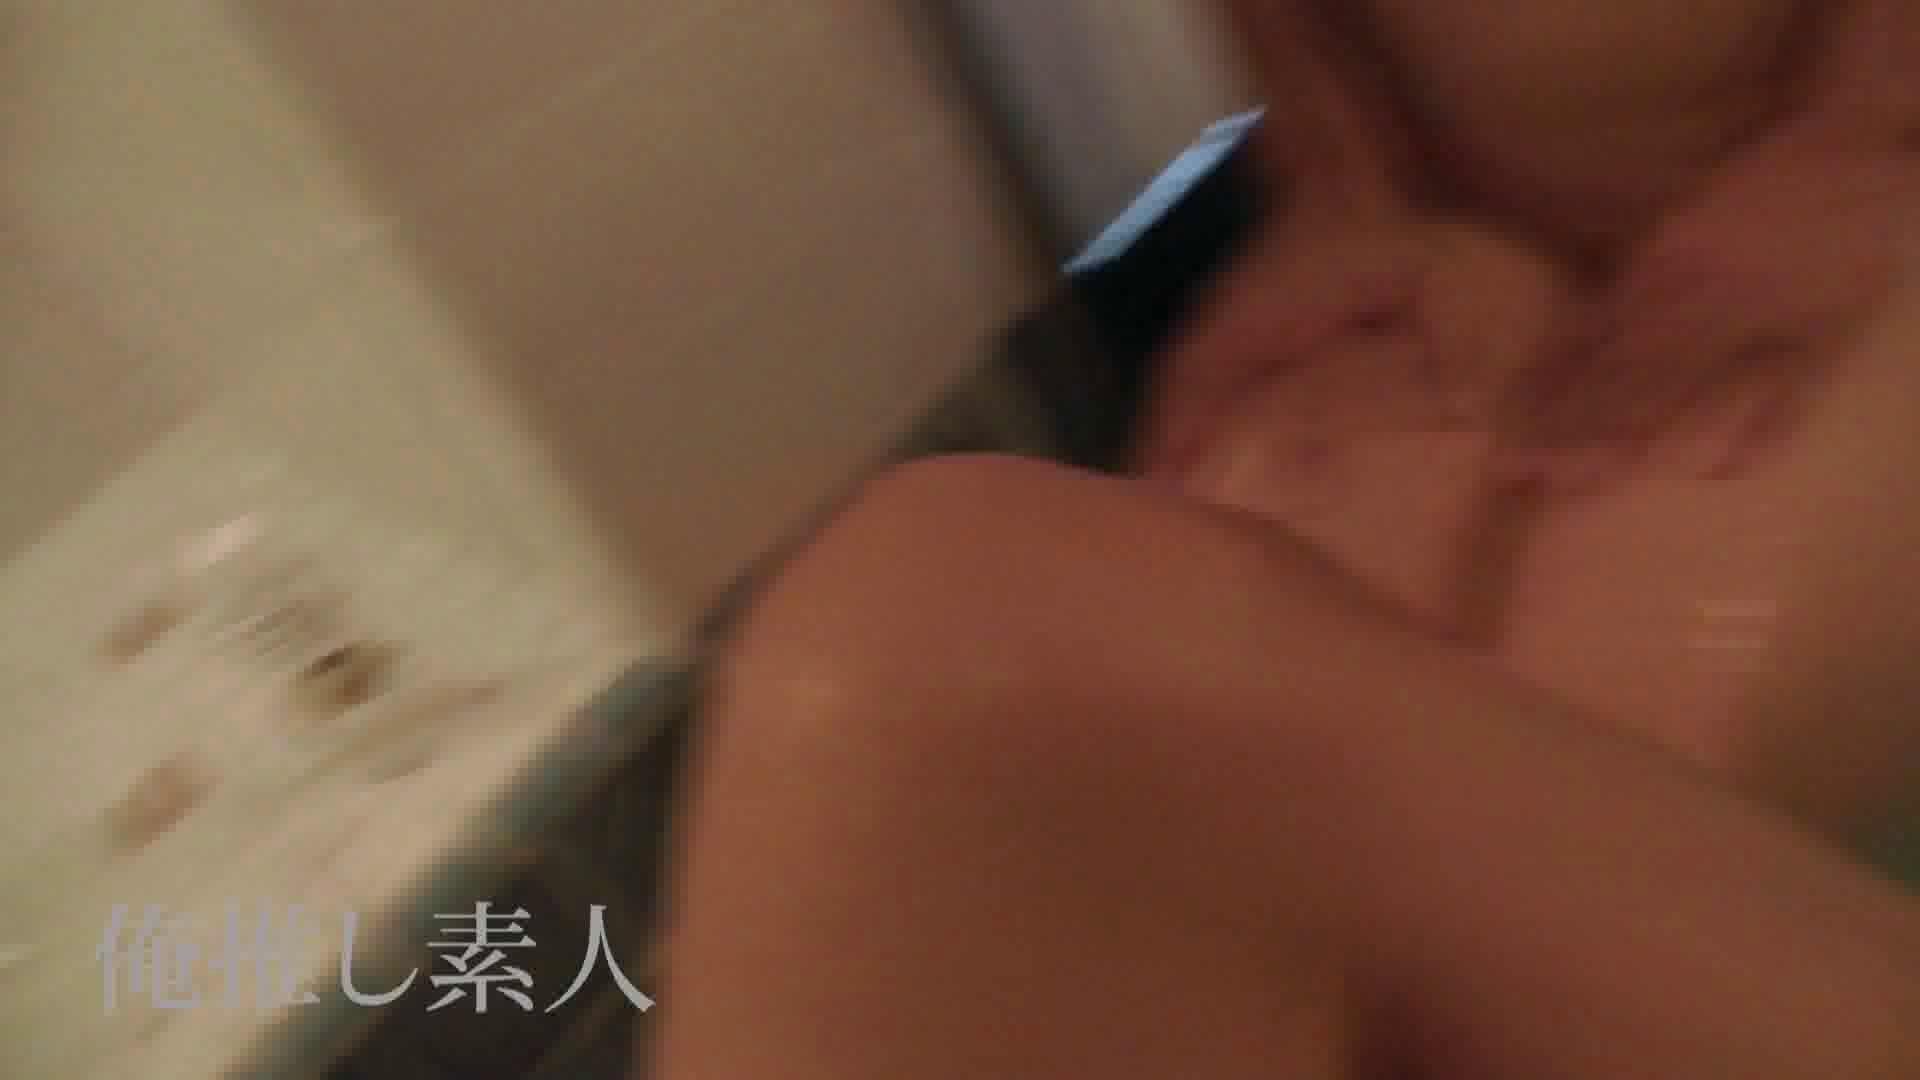 俺推し素人 30代人妻熟女キャバ嬢雫Vol.02 一般投稿  100pic 70